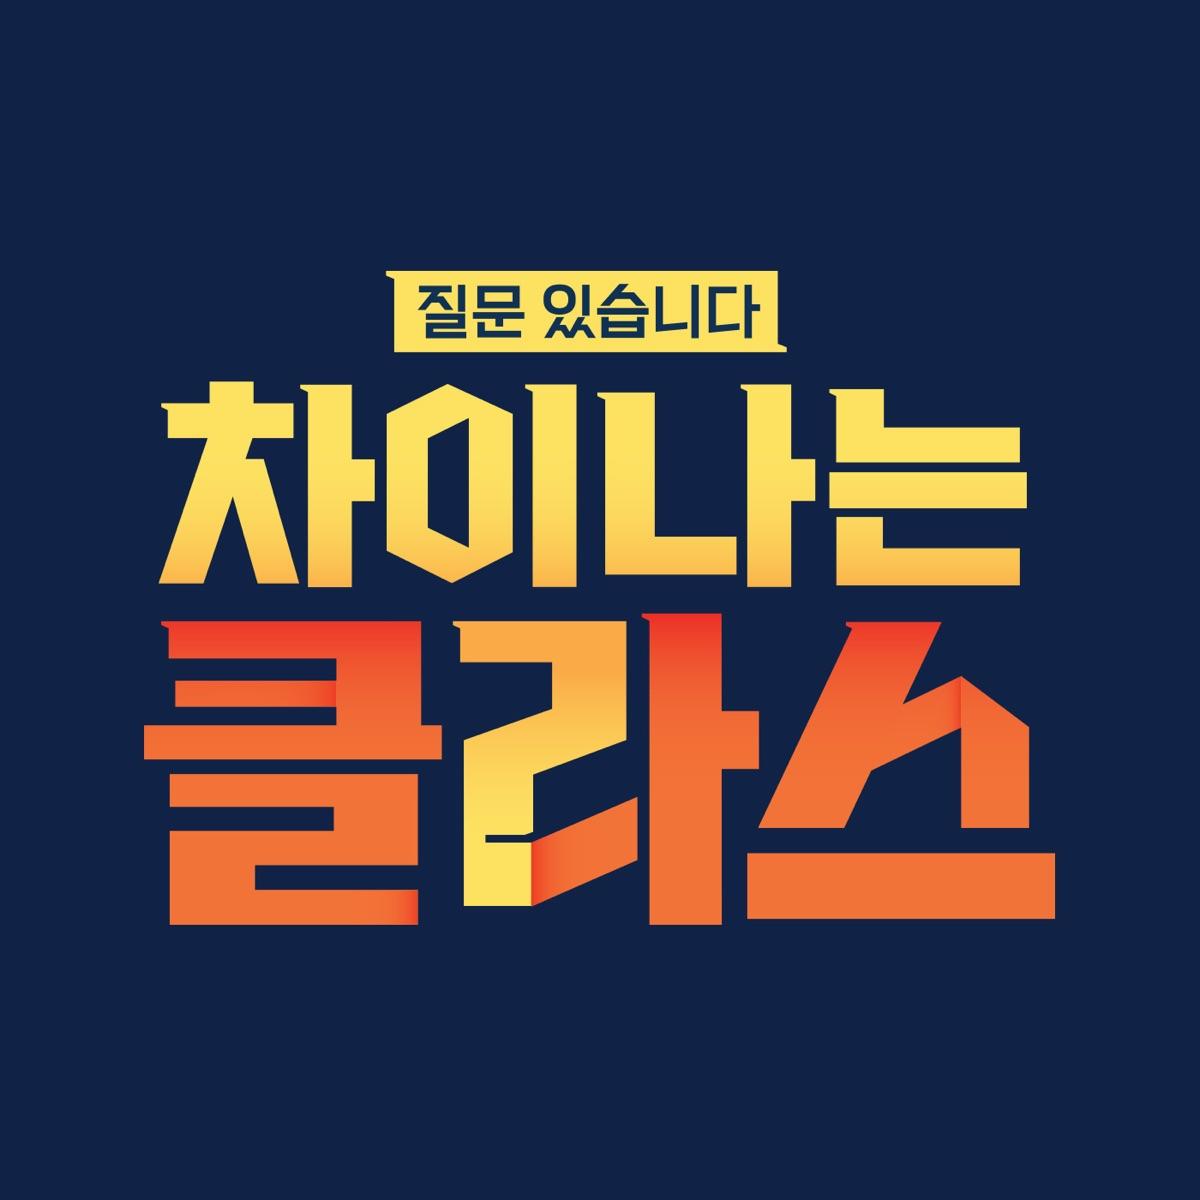 차이나는 클라스 196회 - '고려의 '폐행' 조선의 거울이 되다'